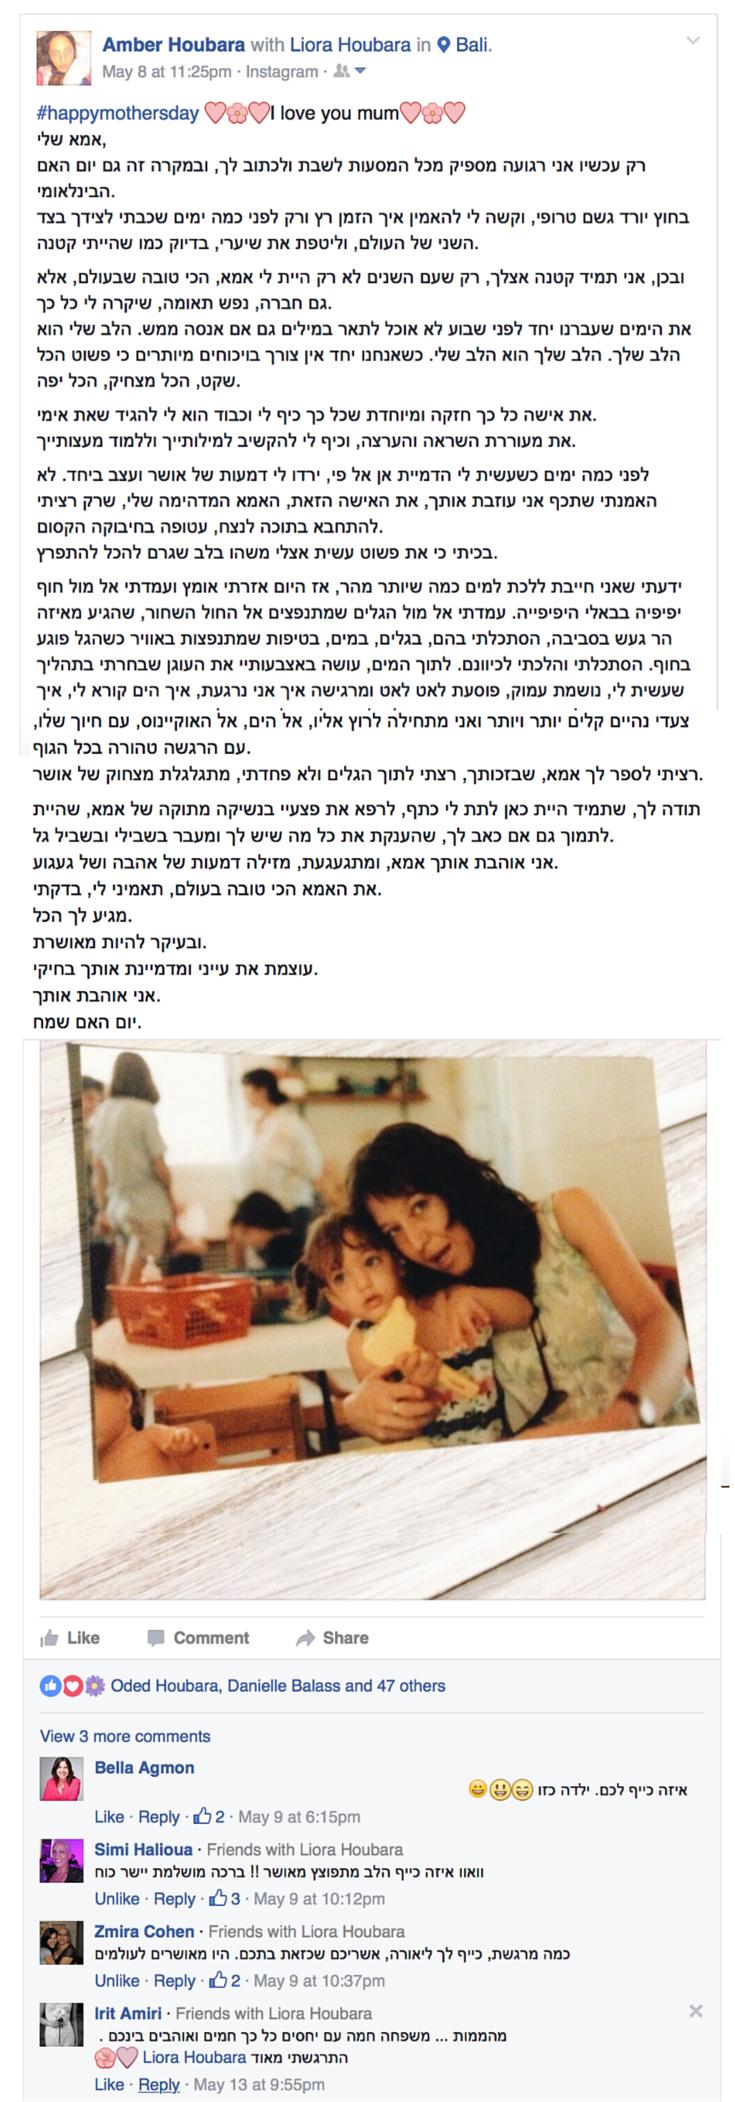 צילום מסך של העדות של ביתי ענבר - טיפול לאחר טראומה